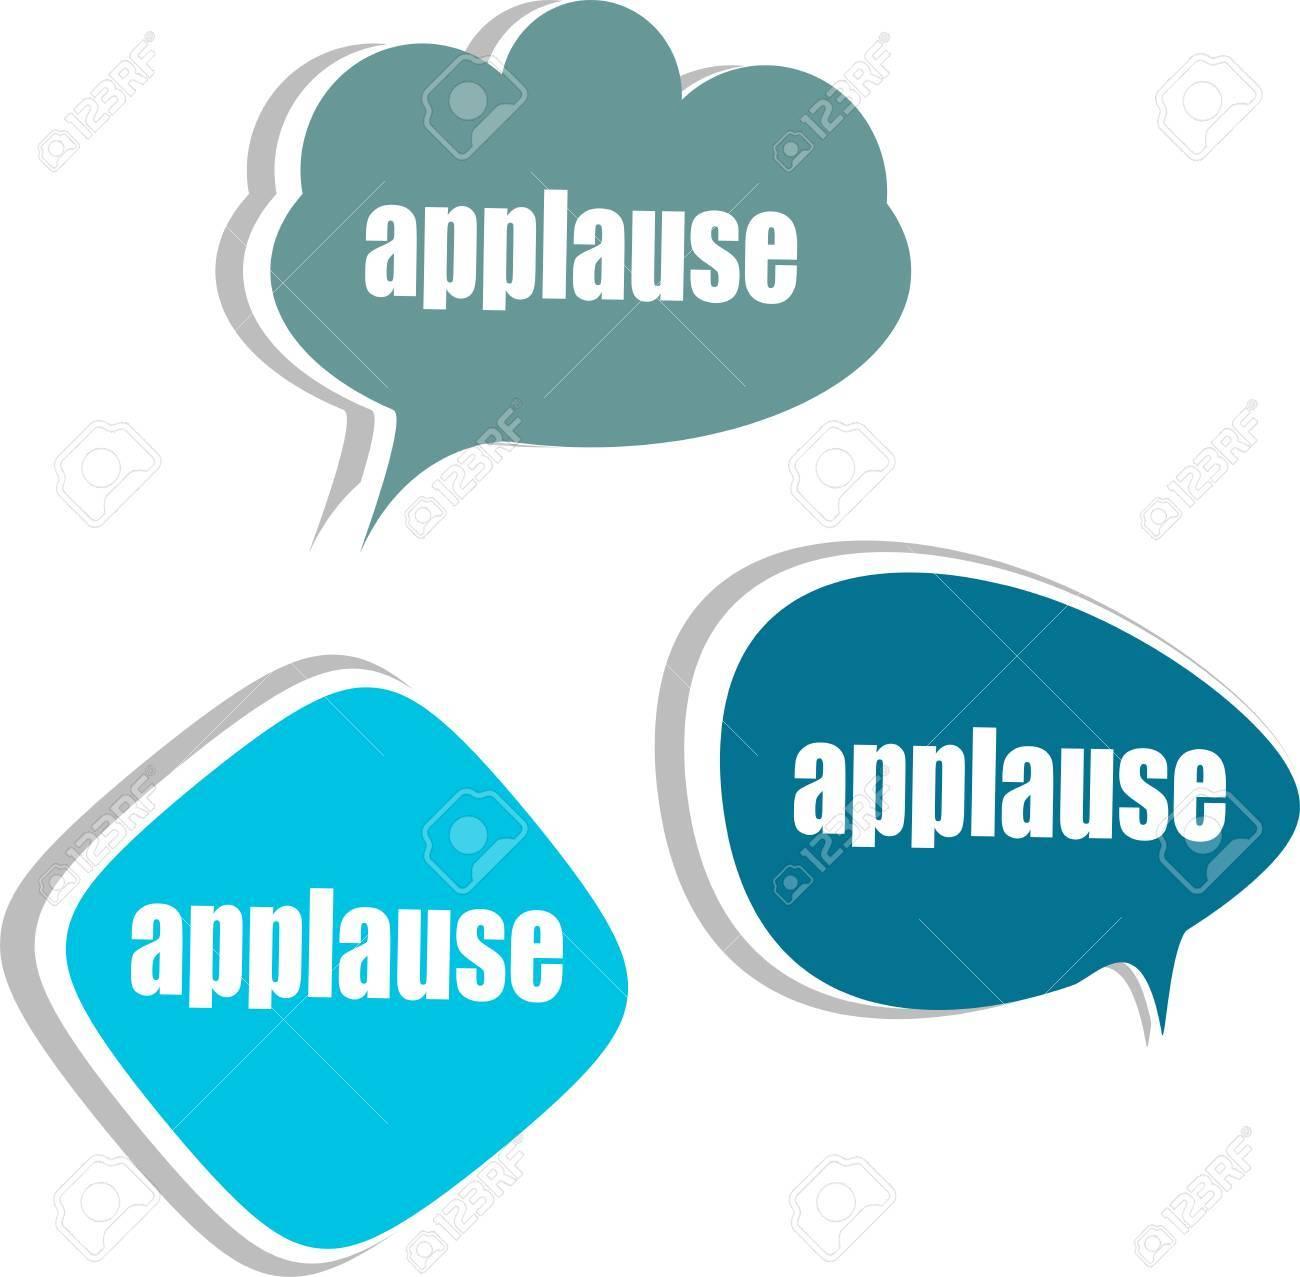 Applaus Wort Auf Moderne Banner-Design-Vorlage. Satz Von Aufklebern ...